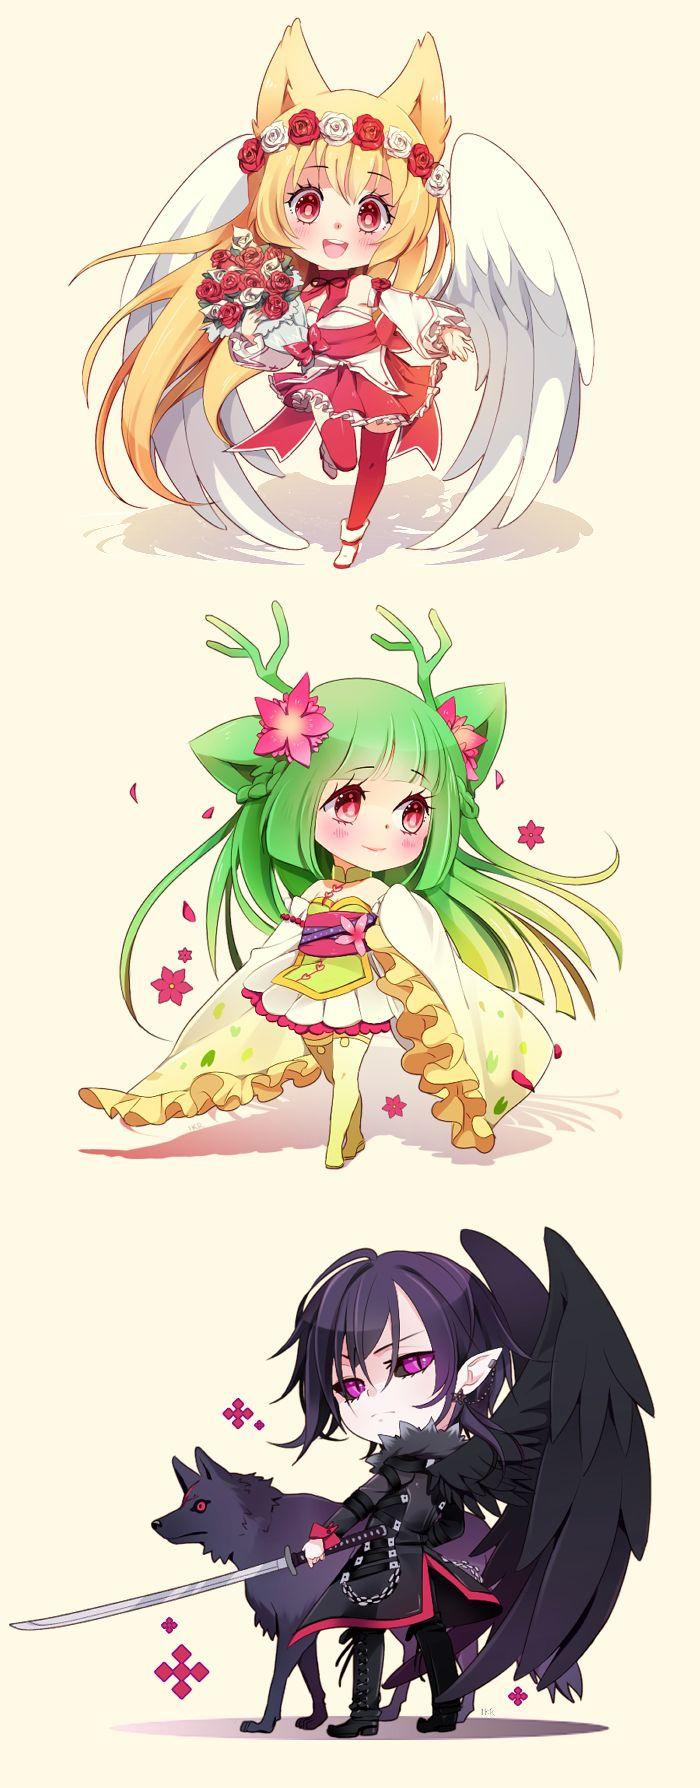 Chibi anime girls